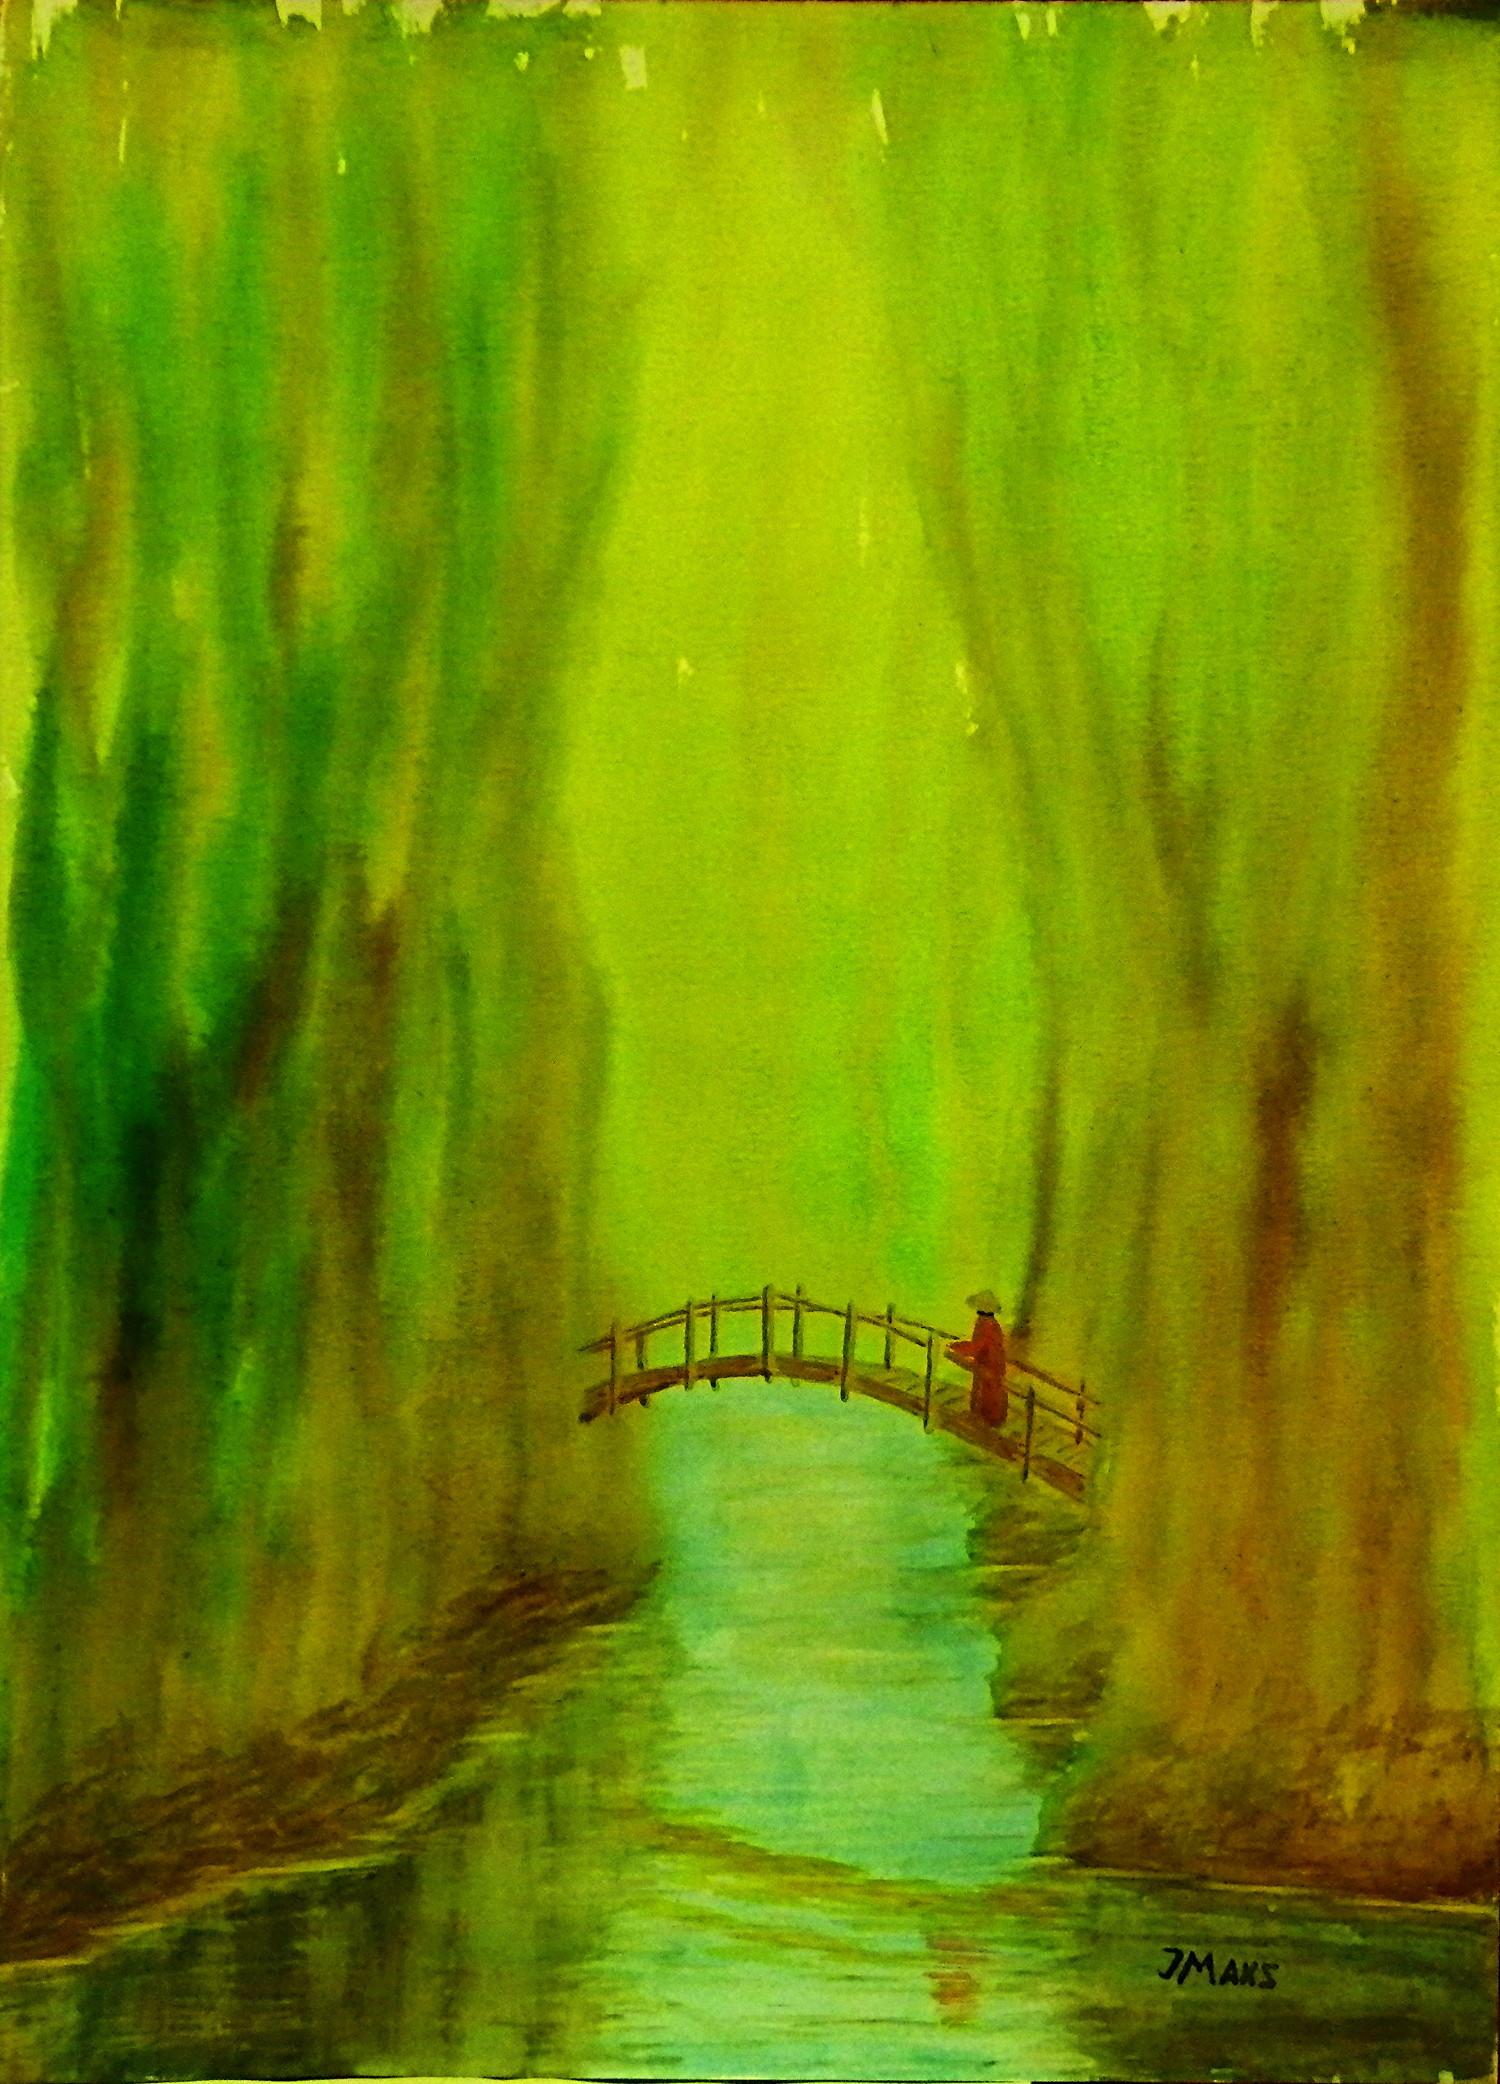 Watercolor paintings by Jev Maks